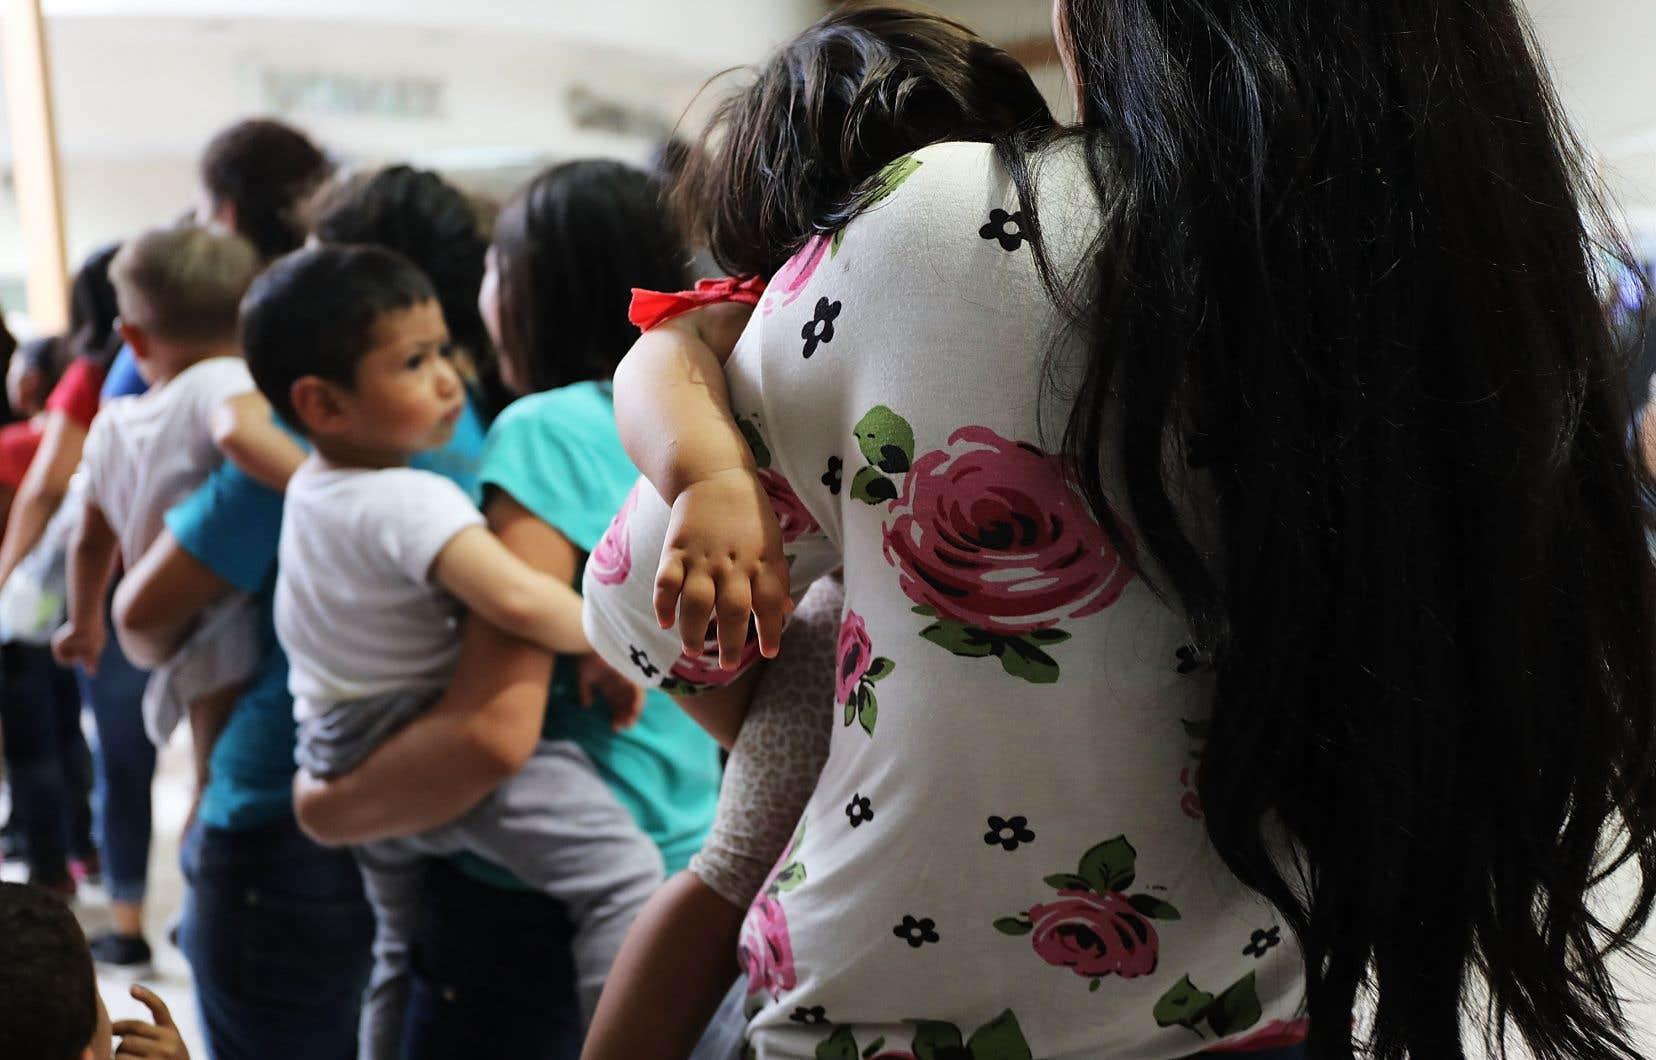 <p>Plus de 2300 mineurs ont été retirés à leurs parents sans-papiers en quelques semaines après que Donald Trump a décidé d'appliquerune politique de «tolérance zéro» en matière d'immigration clandestine.</p>